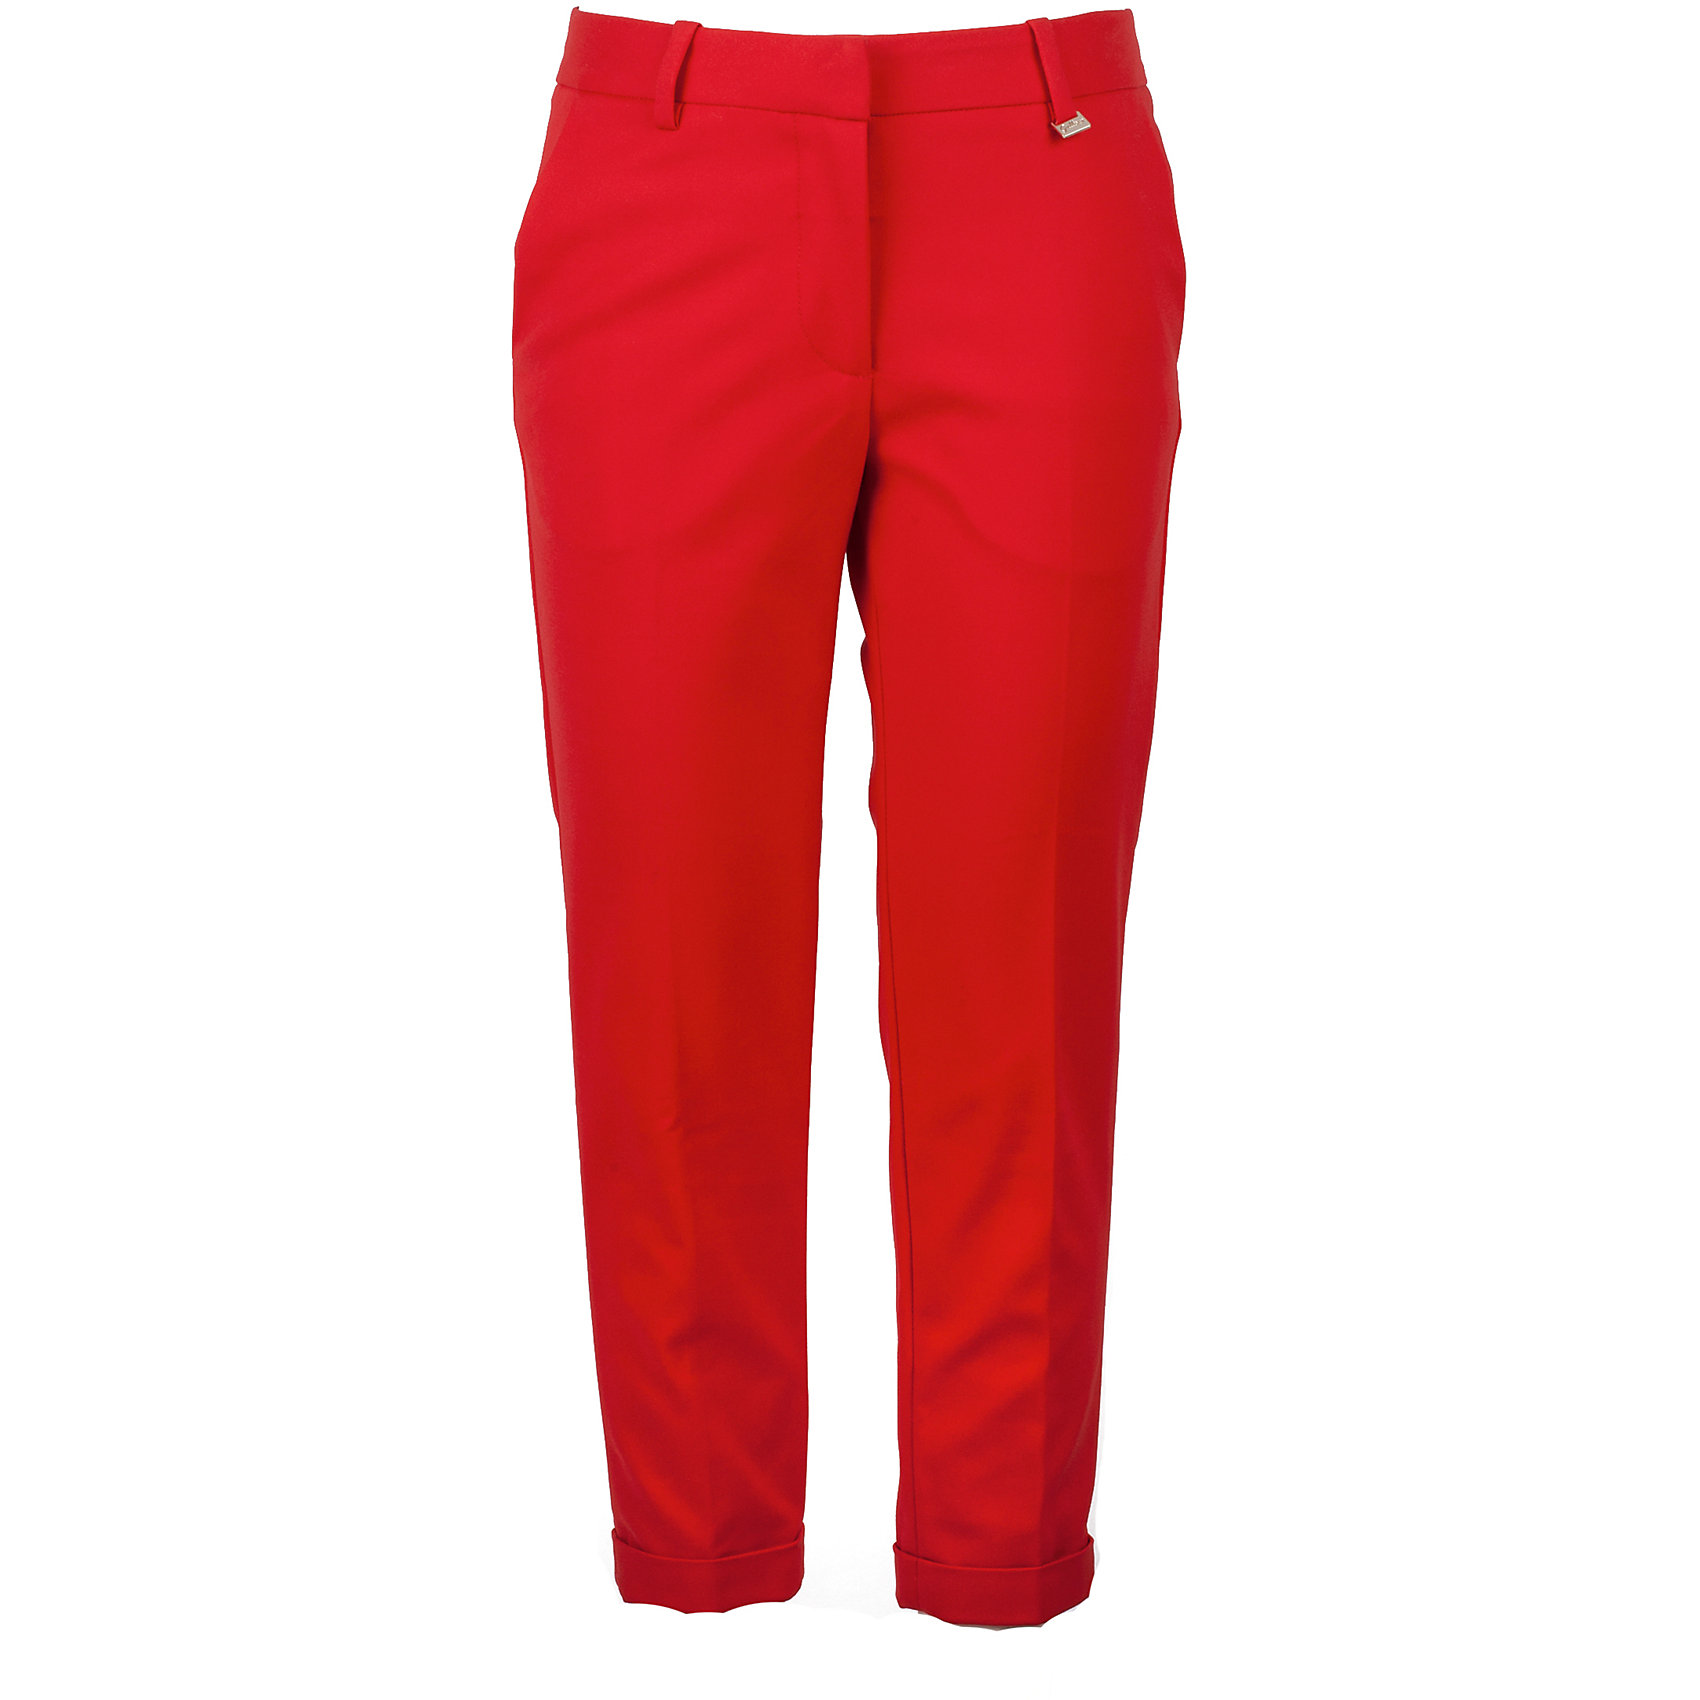 Брюки для девочки GulliverБрюки<br>Модные брюки для девочки в сезоне Весна/Лето 2017 - это вновь чуть укороченная и чуть зауженная к низу модель. Выполненные из хлопка с эластаном, красные брюки выглядят элегантно и изысканно. Если стиль вашего ребенка - не помпезный гламур, а удобный комфортный интеллигентный casual, эти брюки - то, что нужно.<br>Состав:<br>98% хлопок        2% эластан<br><br>Ширина мм: 215<br>Глубина мм: 88<br>Высота мм: 191<br>Вес г: 336<br>Цвет: красный<br>Возраст от месяцев: 120<br>Возраст до месяцев: 132<br>Пол: Женский<br>Возраст: Детский<br>Размер: 146,164,152,158<br>SKU: 5483175